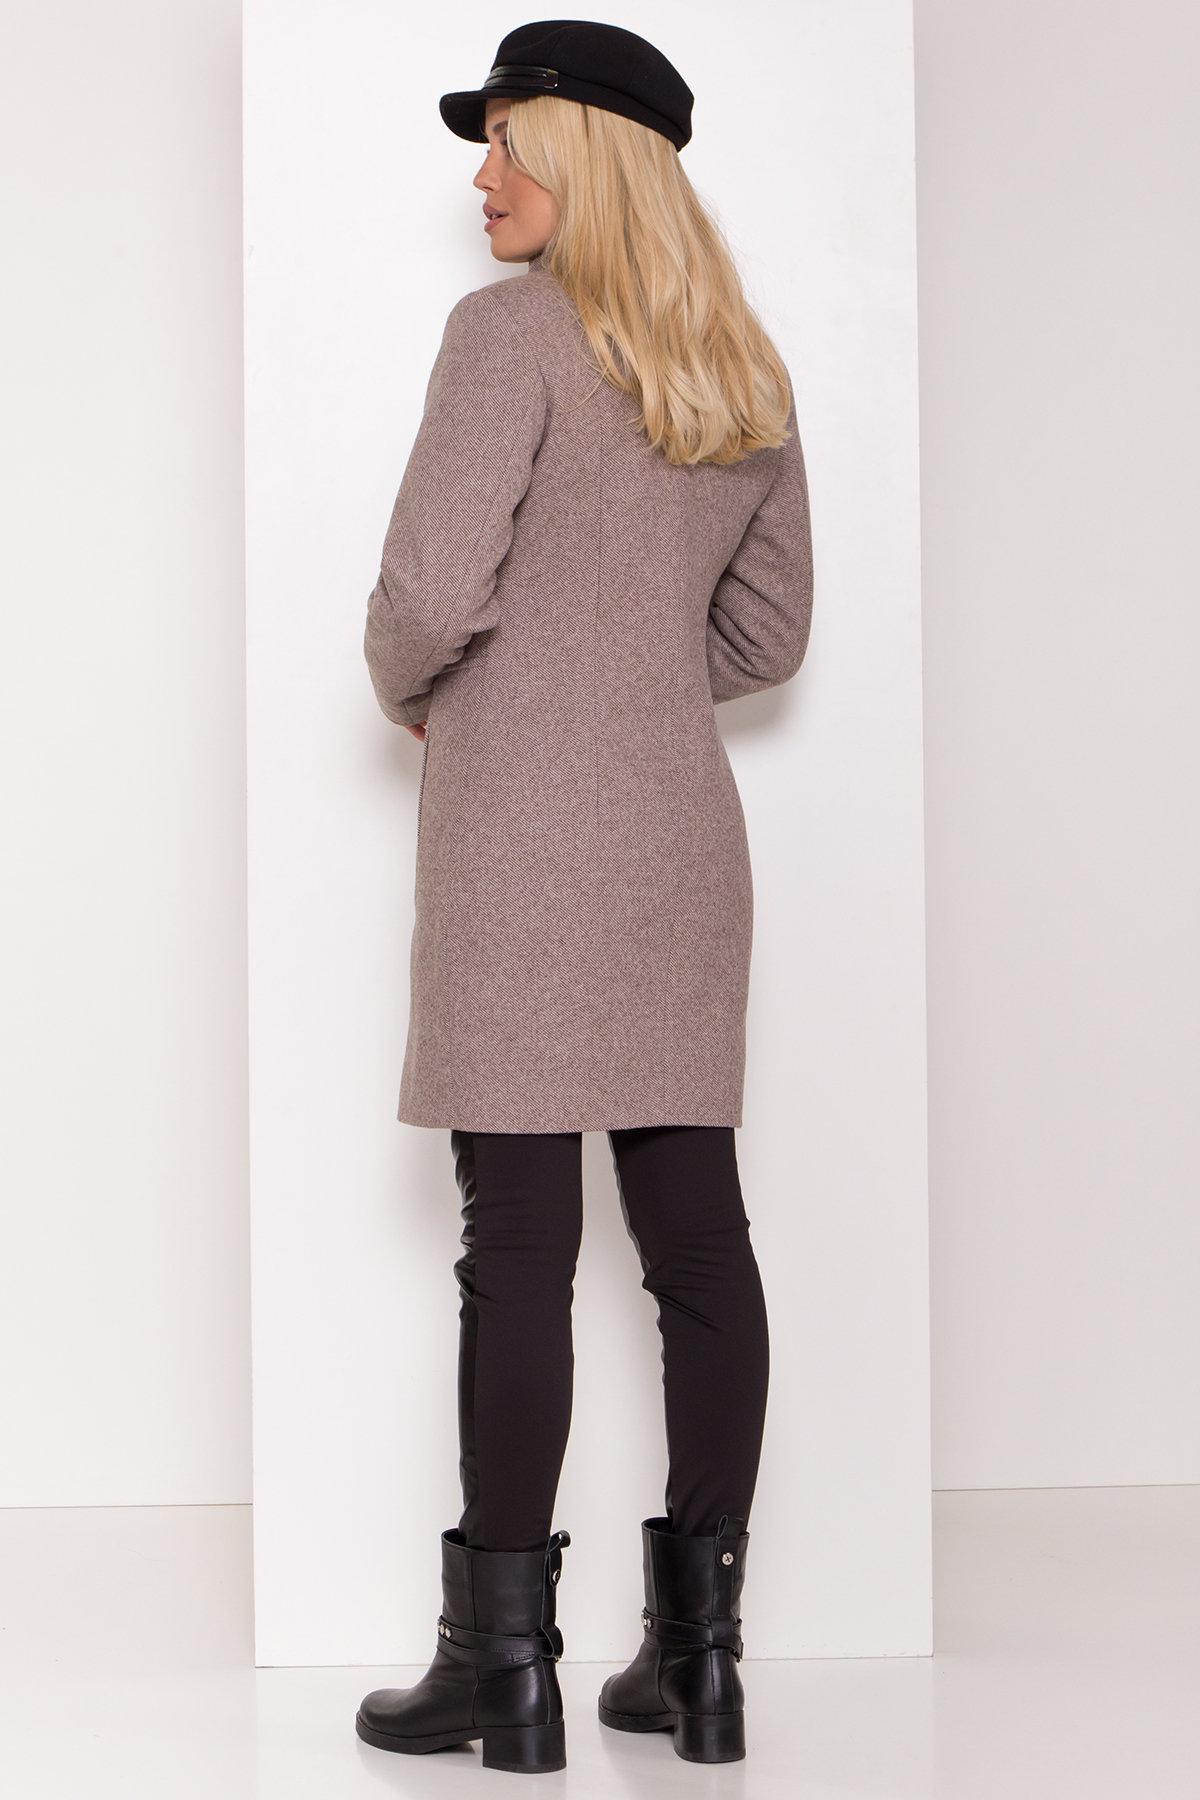 Зимнее пальто со снудом Габи 8205 АРТ. 44220 Цвет: Шоколадный меланж - фото 4, интернет магазин tm-modus.ru